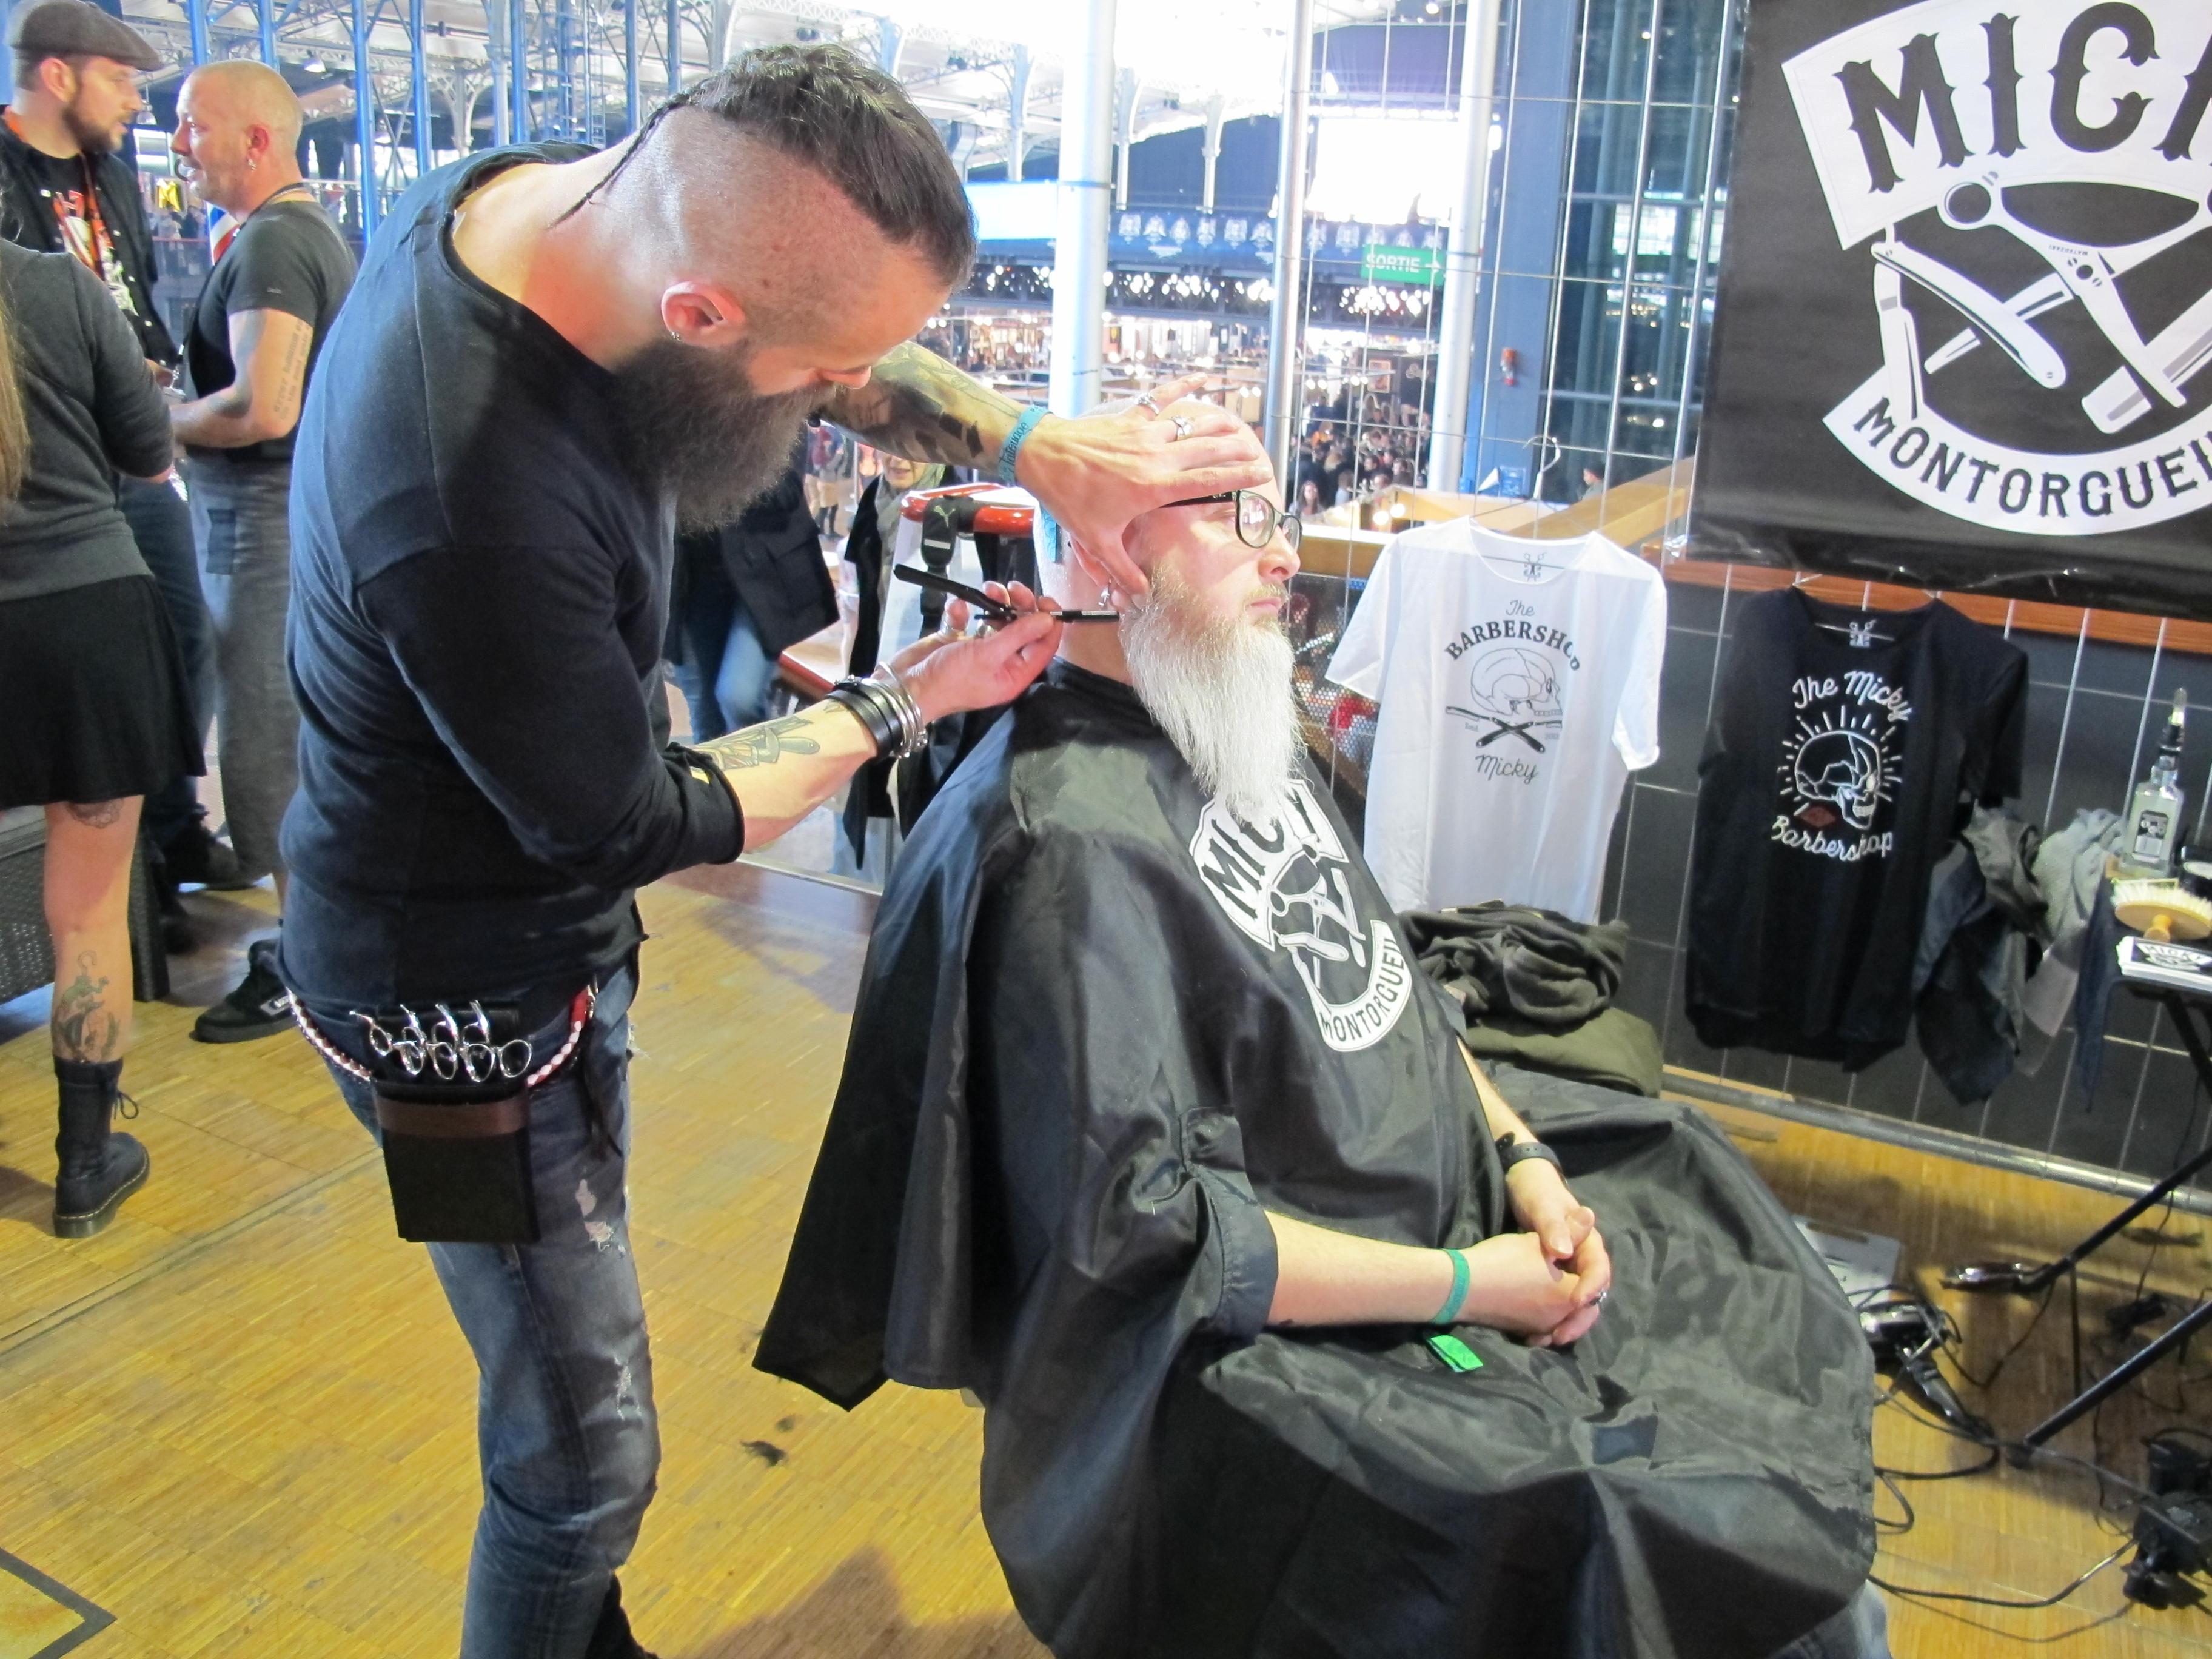 Petite pause barbier © Julie Albesa